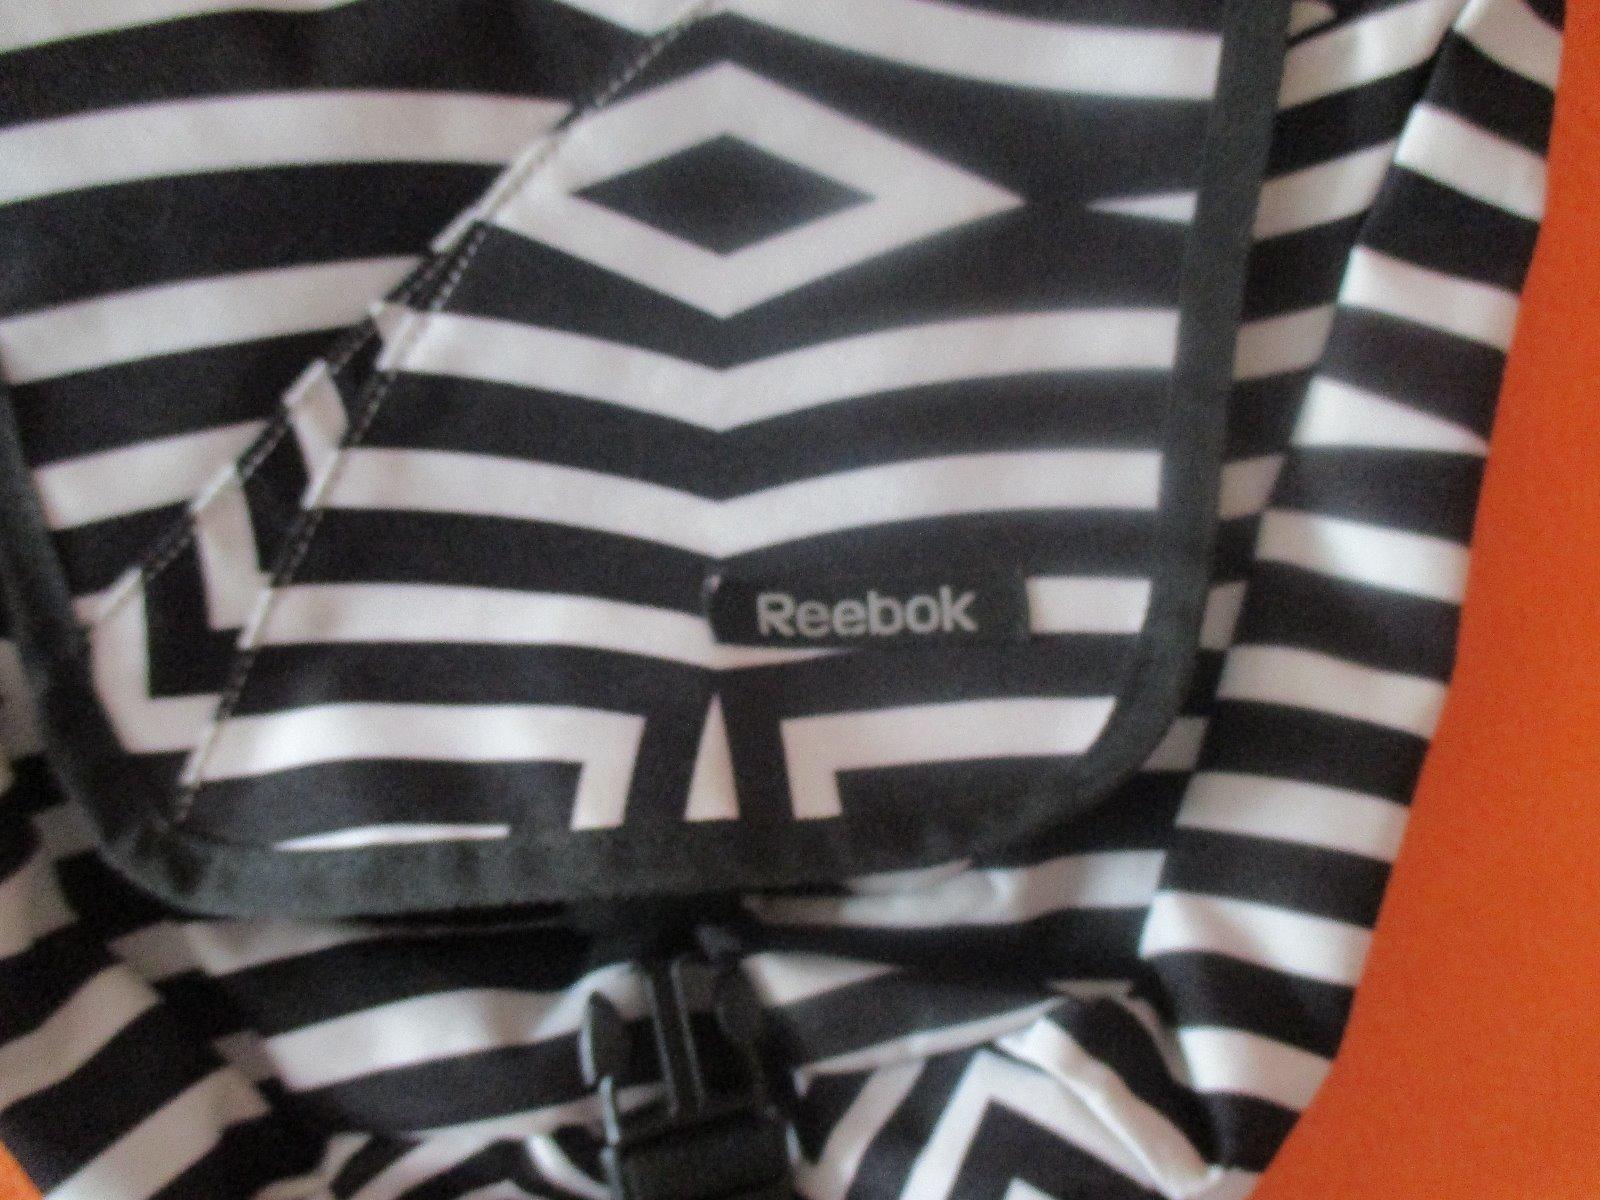 Damska znackova taska reebok, - 5 € od predávajúcej ikaaa